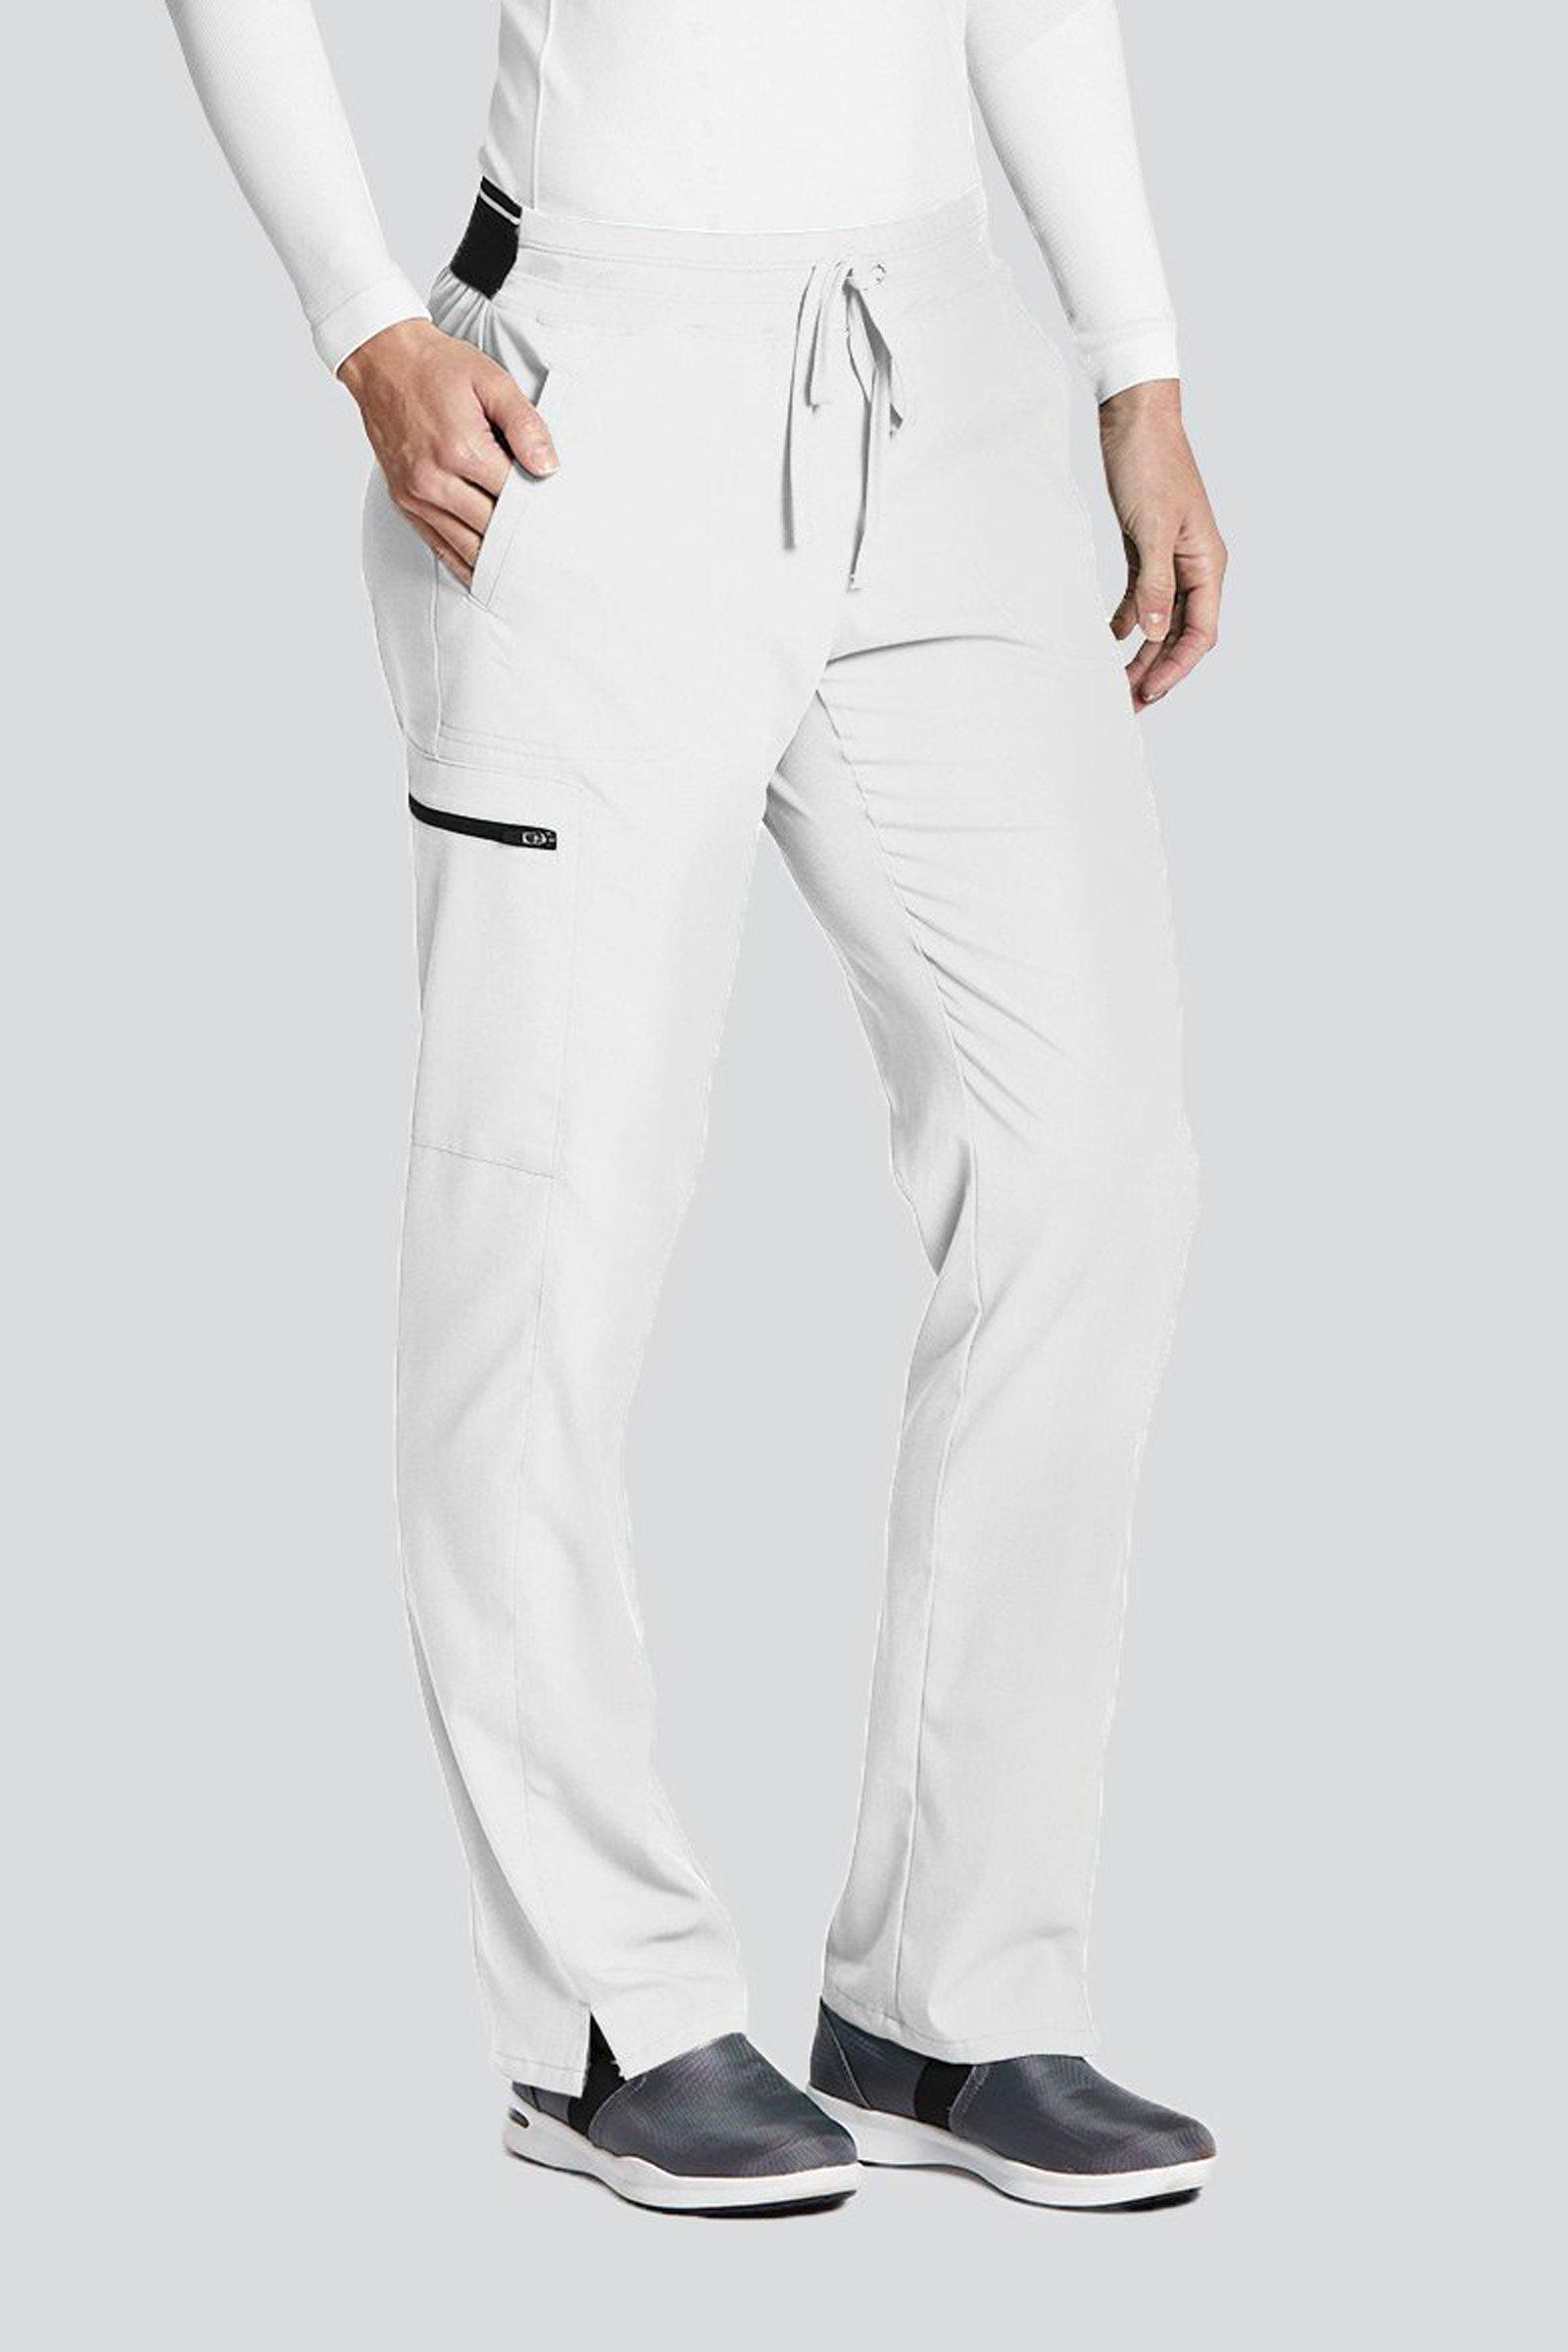 99ec31f9 Spodnie medyczne damskie Barco Grey's Anatomy Stretch GRSP500 White